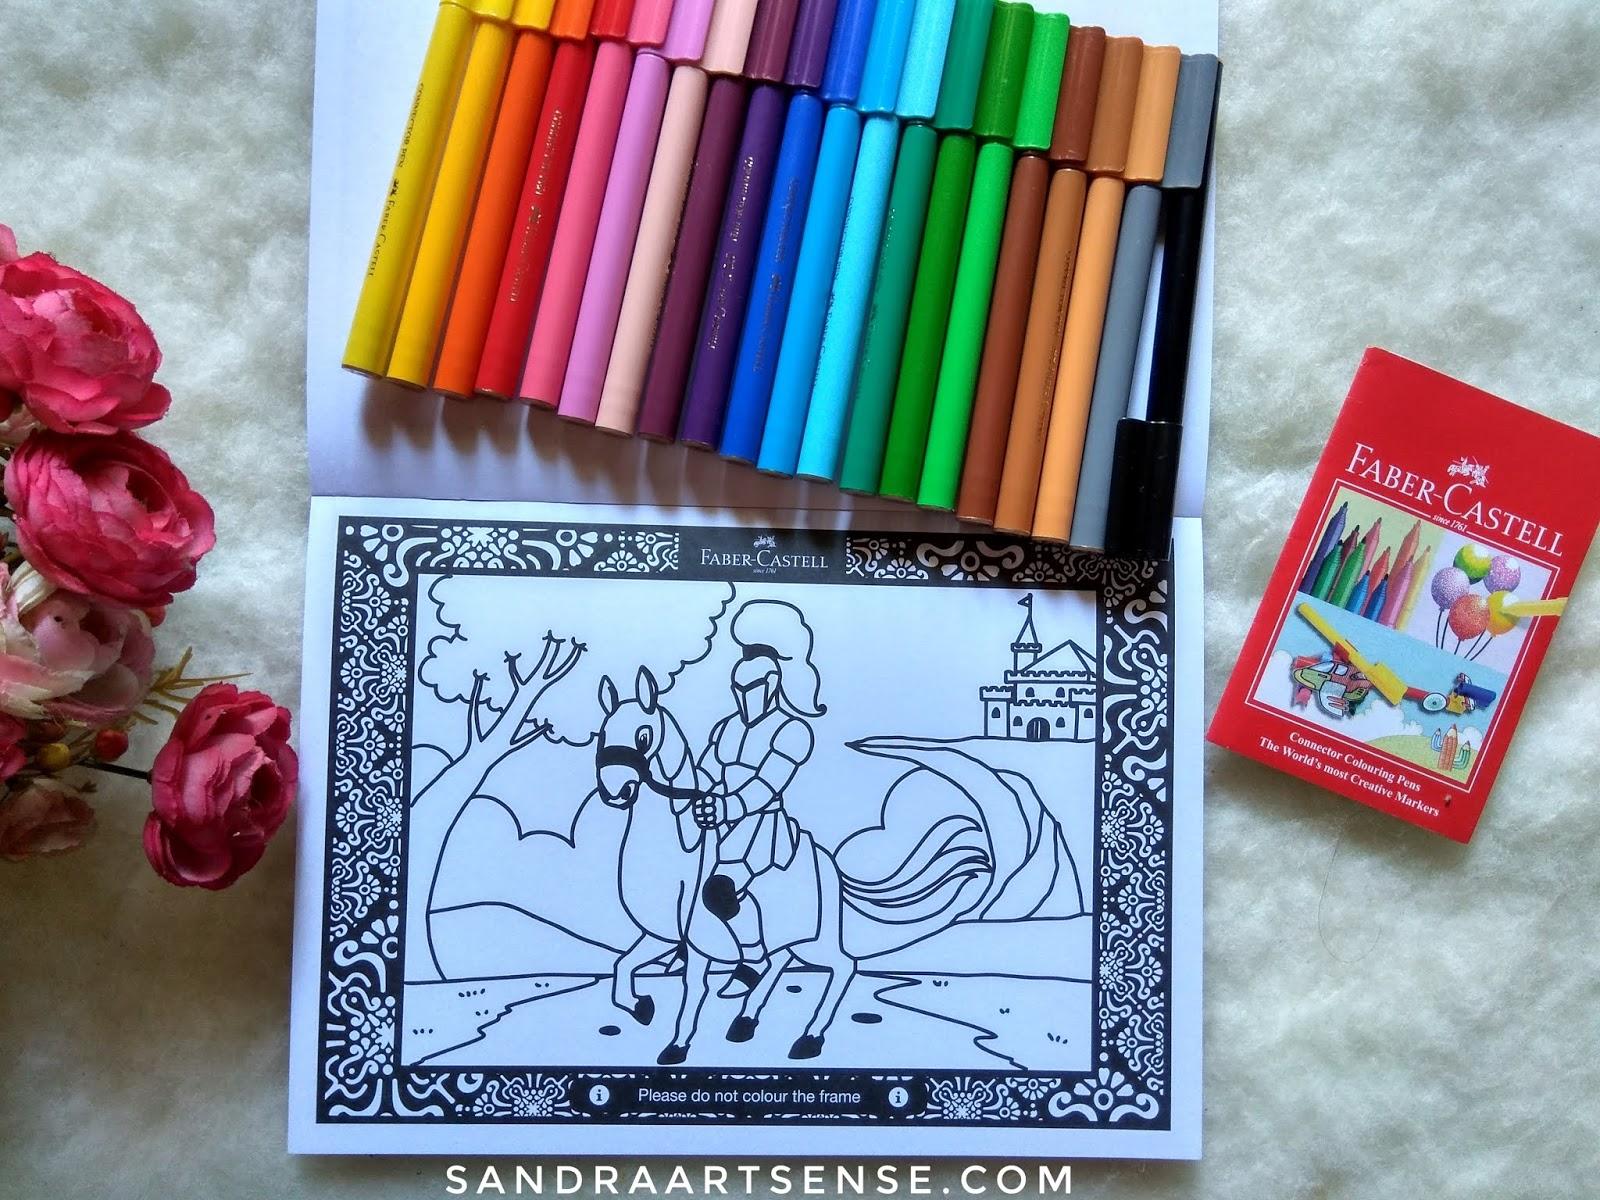 Show Up Your Imagination With Faber Castell Colour To Life Salah Satu Halaman Dalam Buku Mewarnai